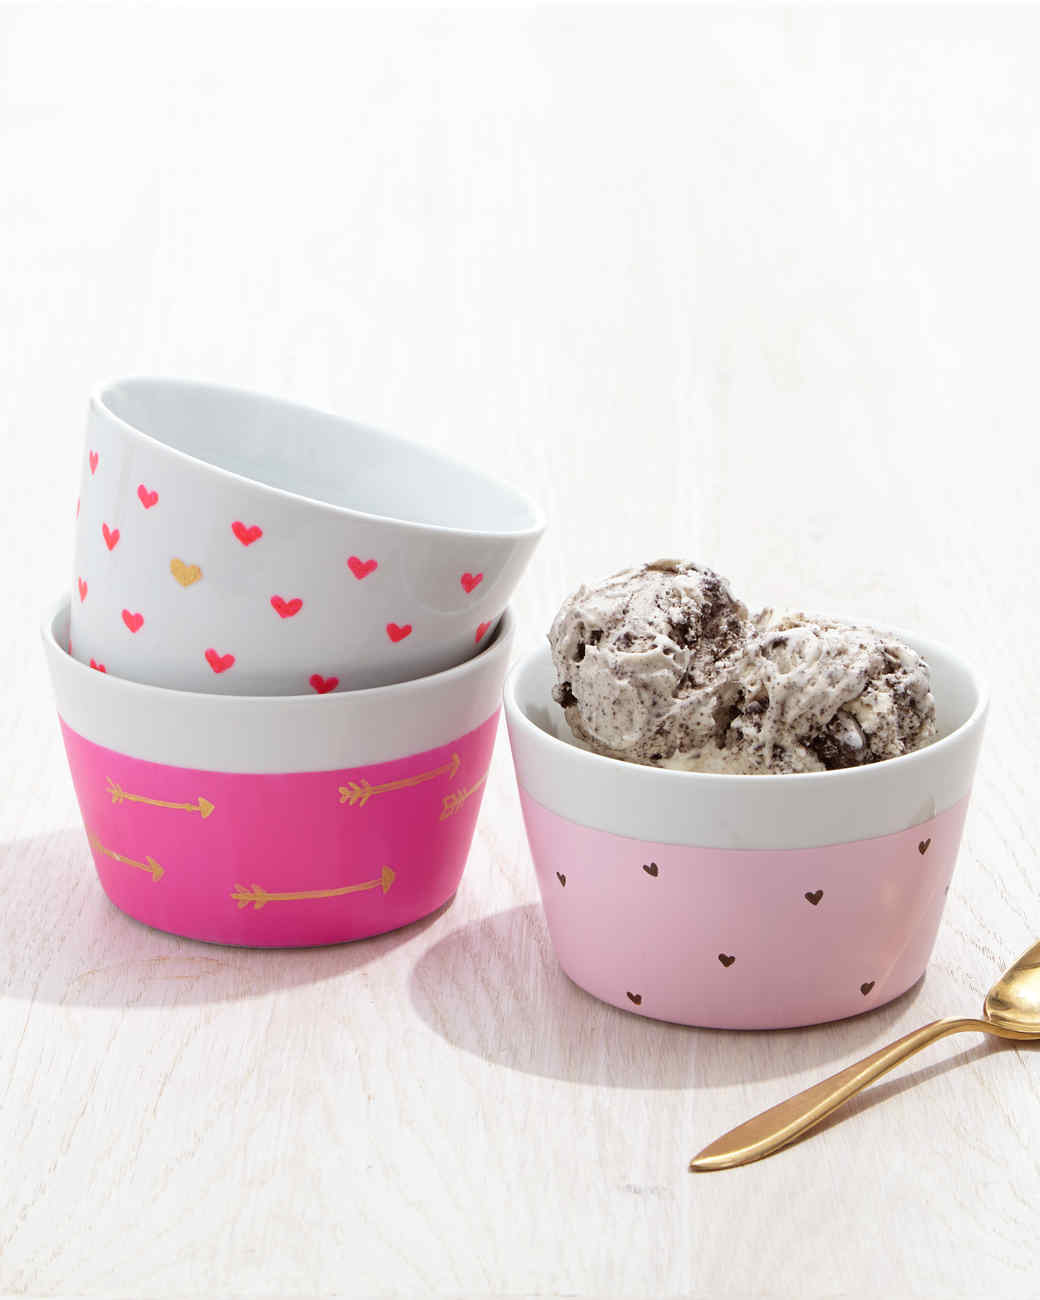 DIY Valentine's Day Ice Cream Bowls